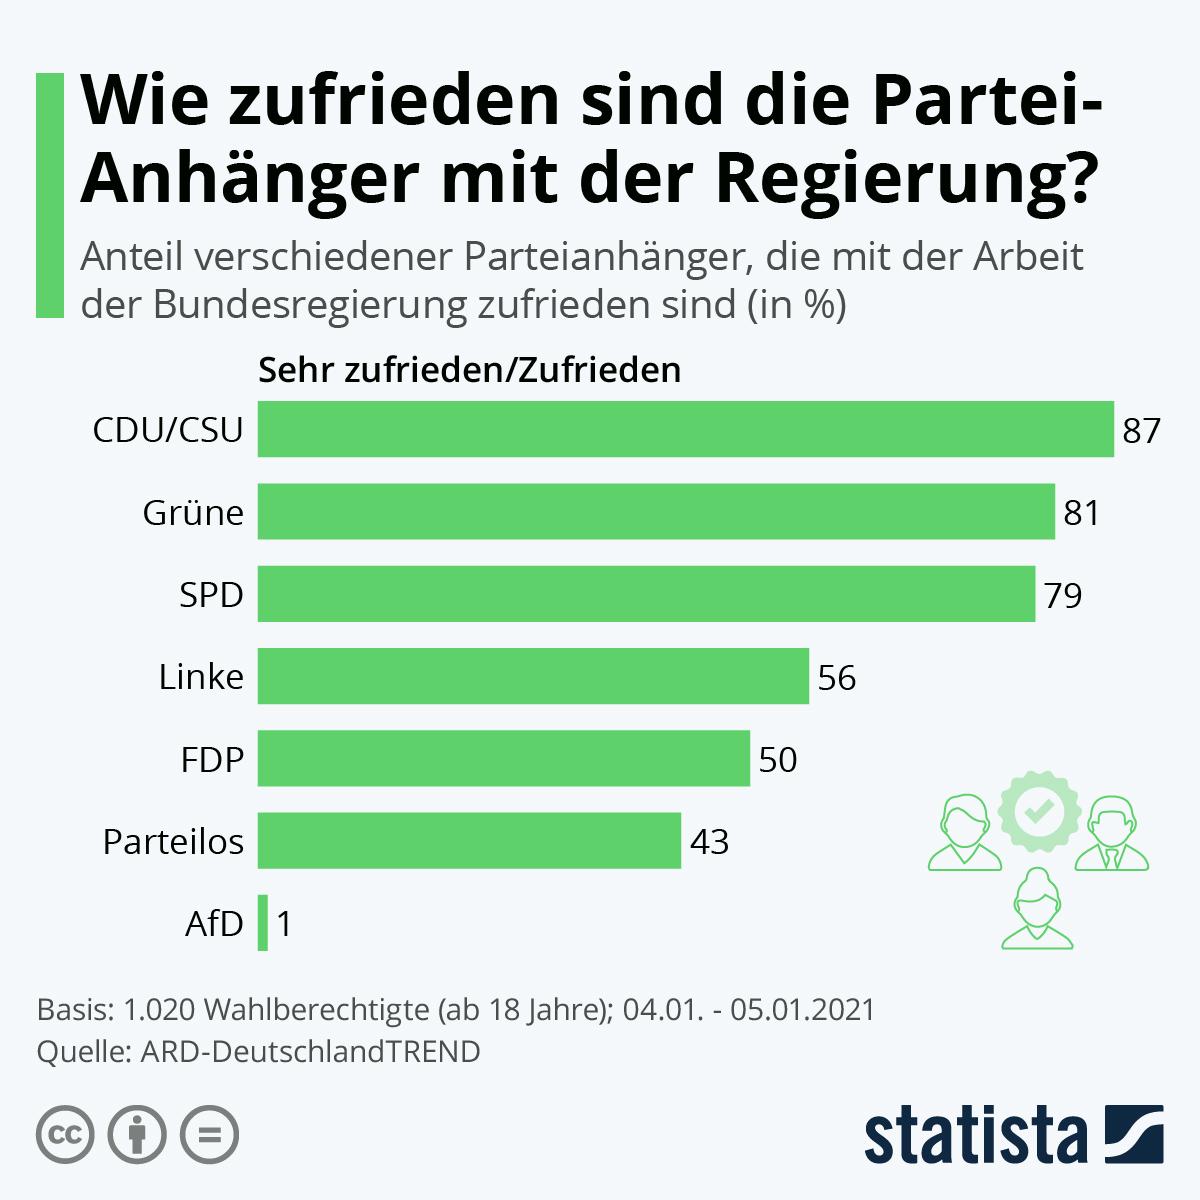 Infografik: Wie zufrieden sind die Partei-Anhänger mit der Regierung? | Statista